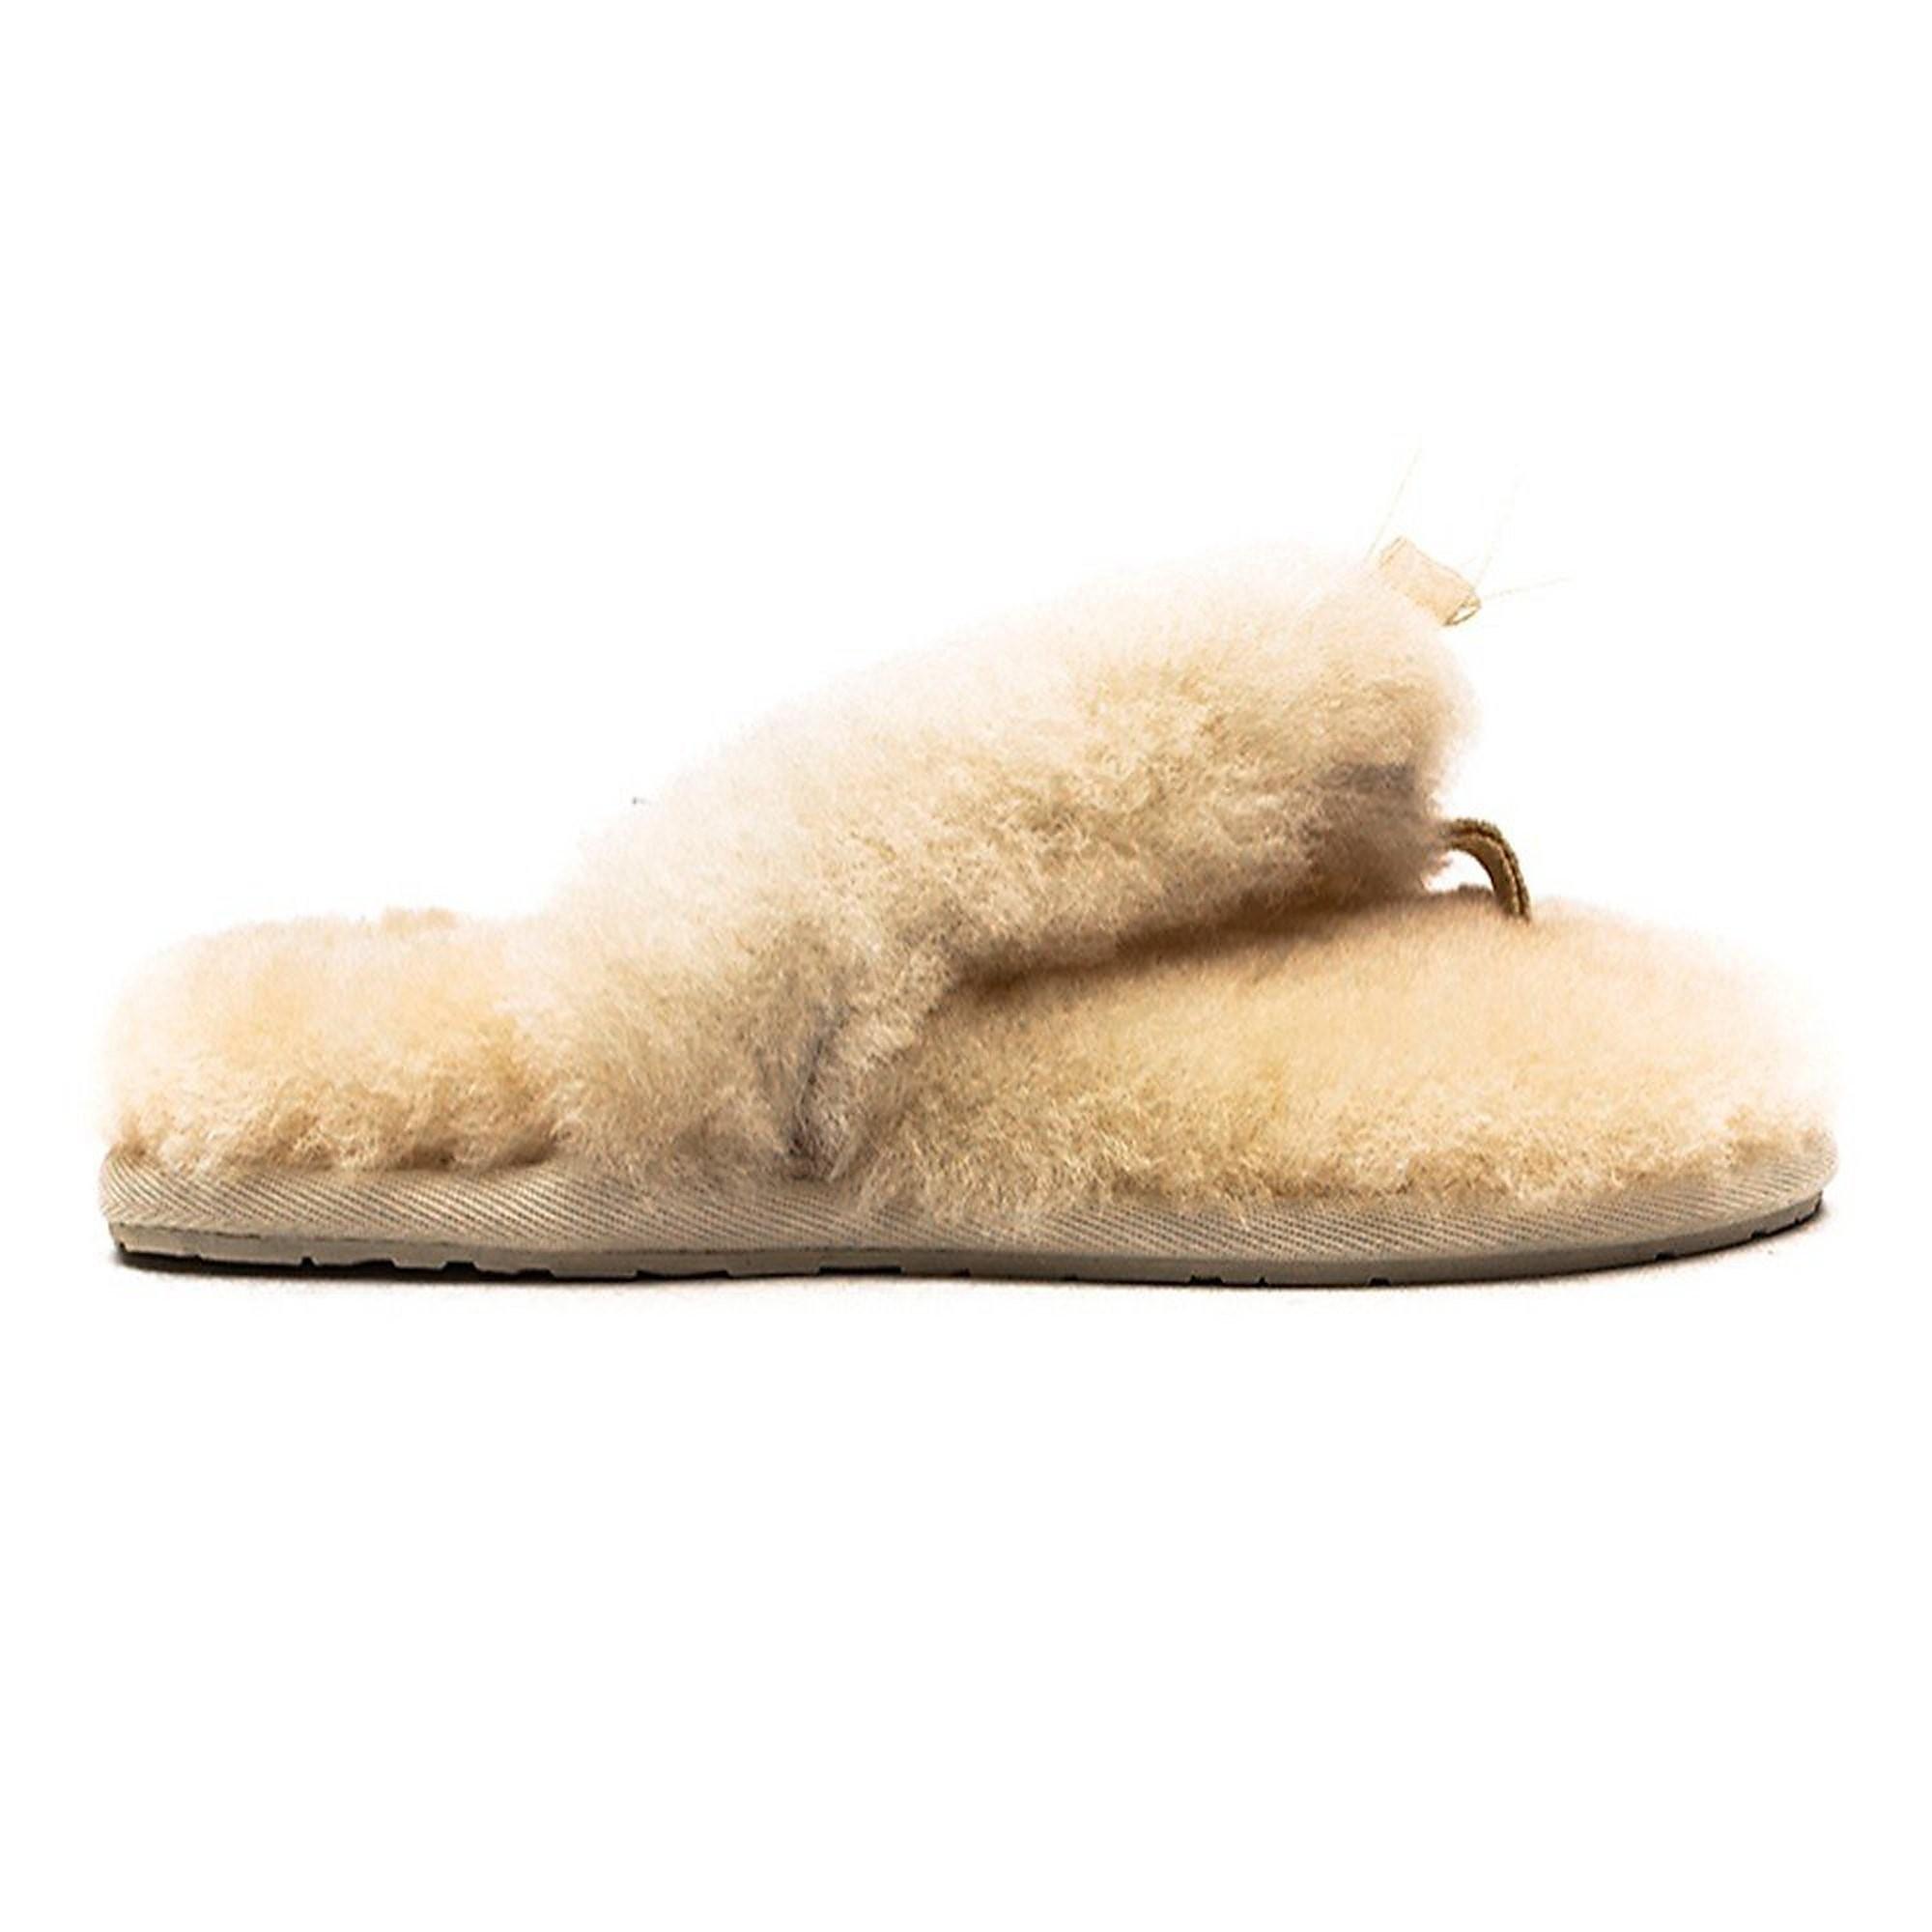 UGG Women's Fluff II Flip Flops - Cream